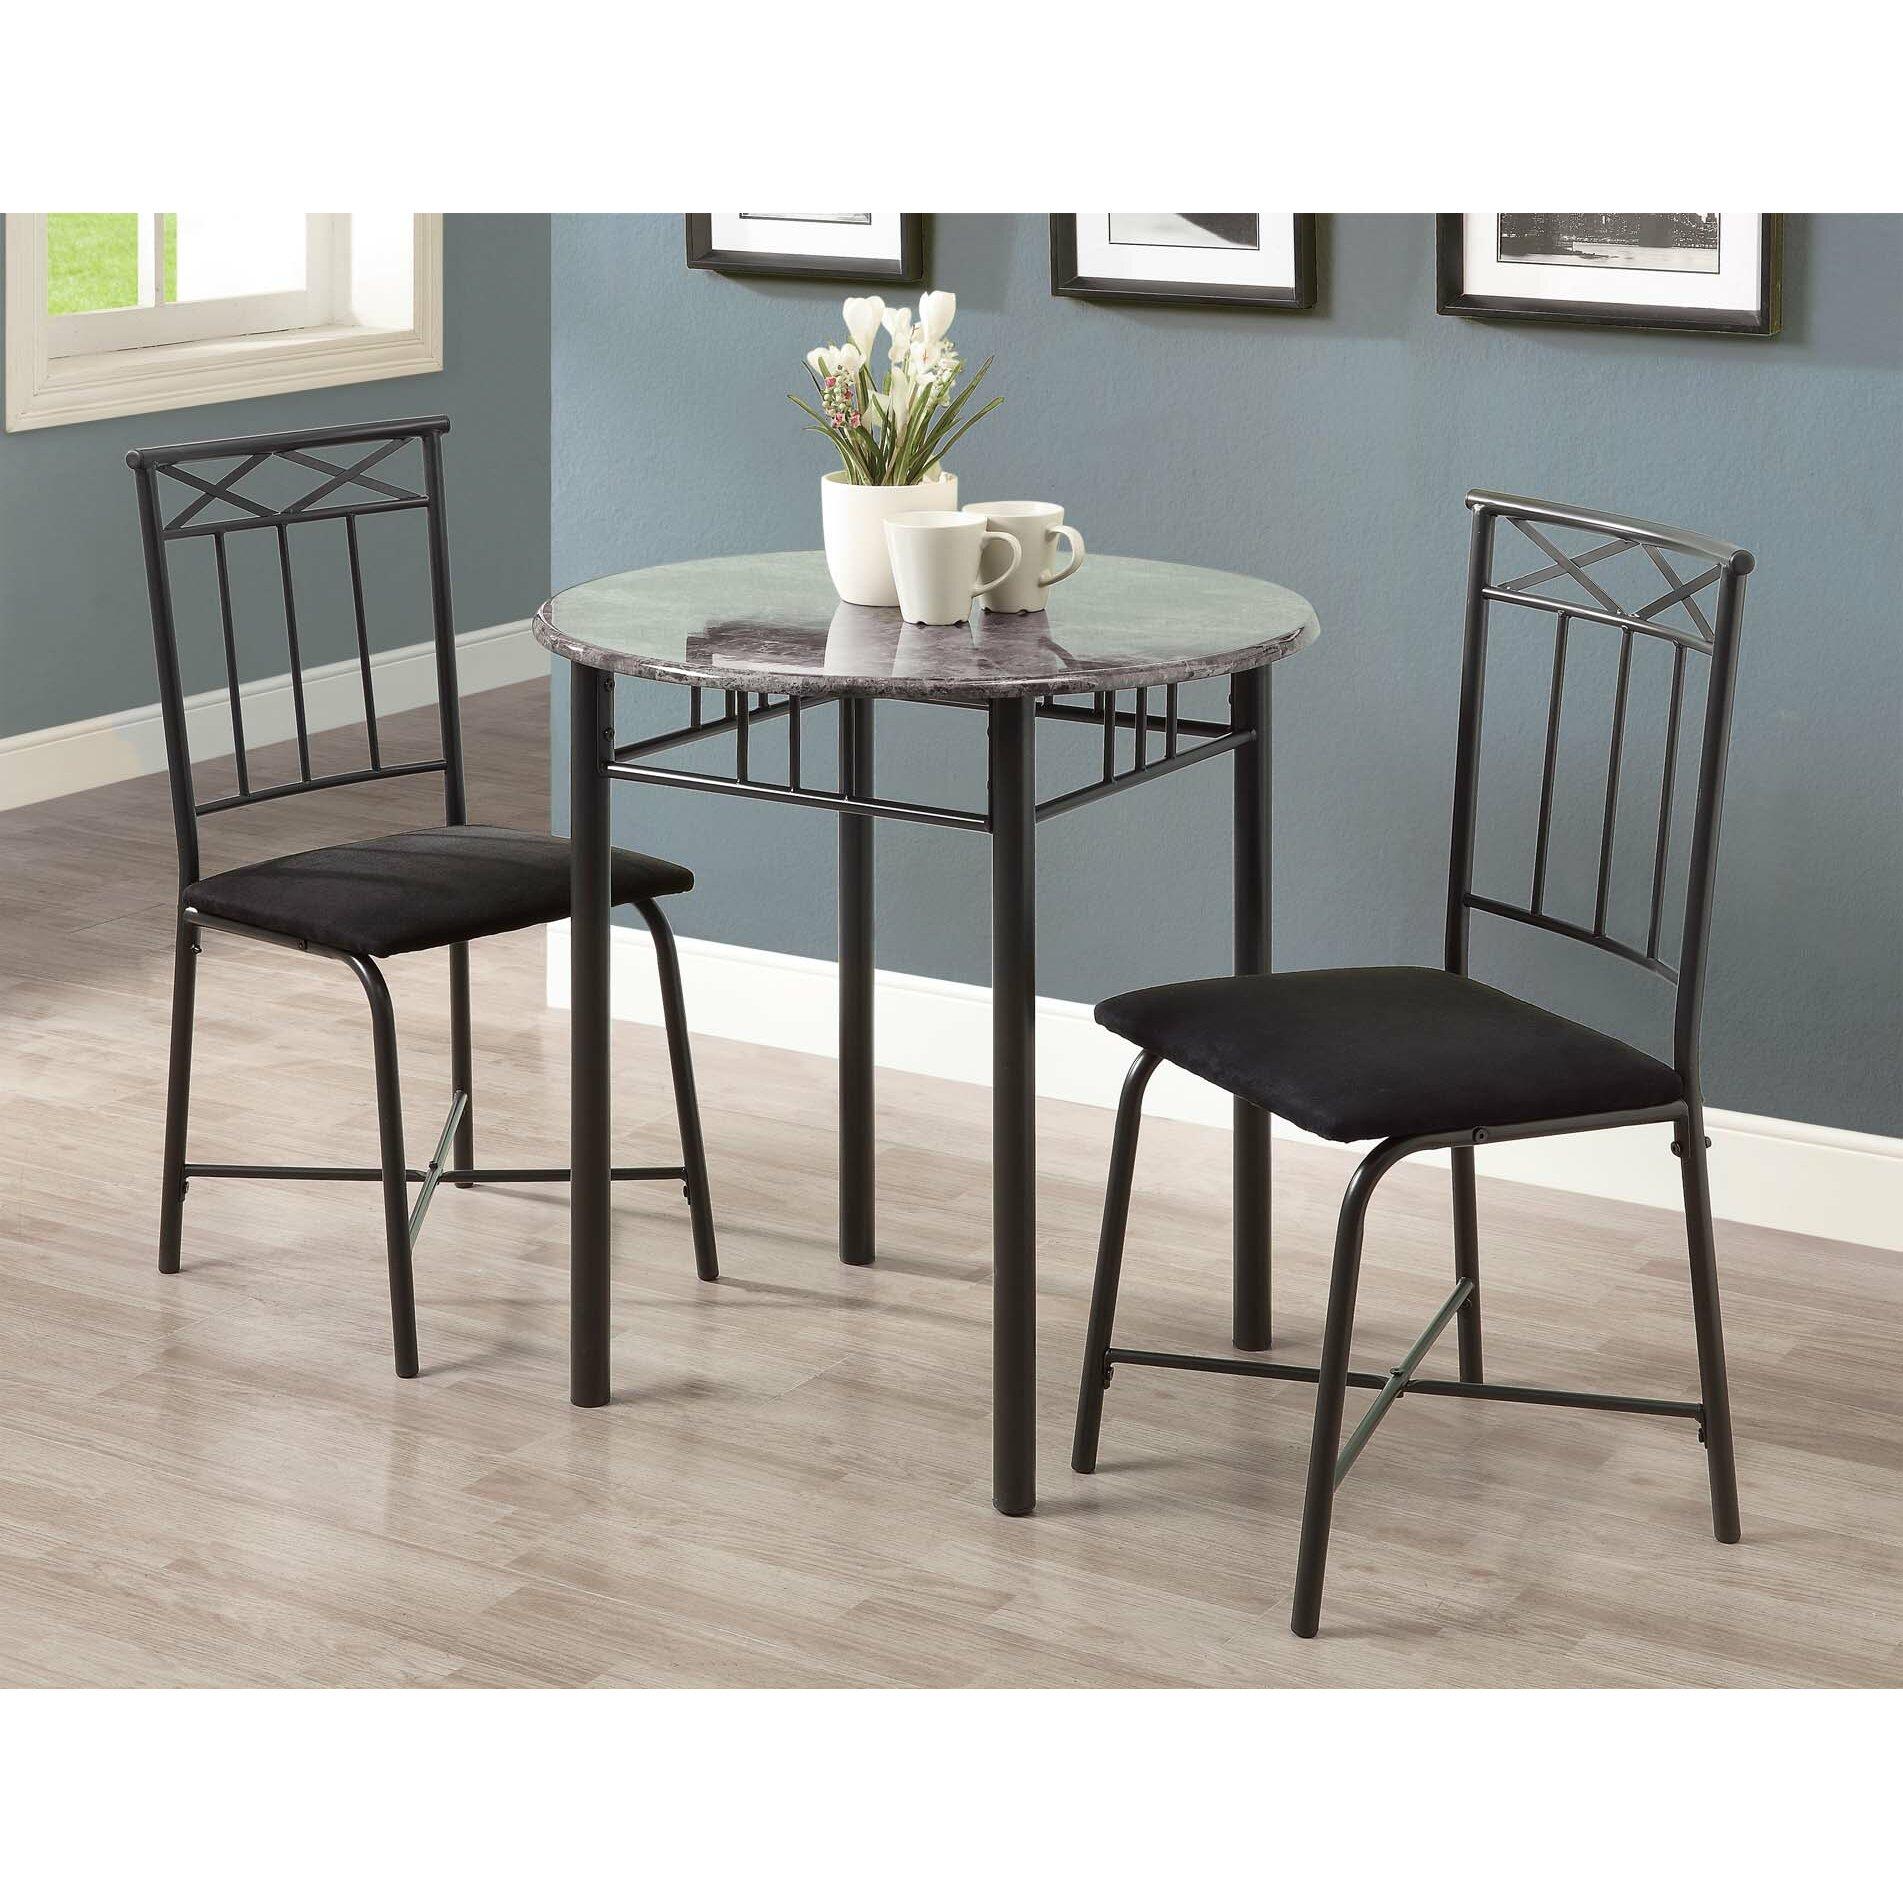 3 Piece Dining Room Set: Monarch Specialties Inc. 3 Piece Dining Set & Reviews